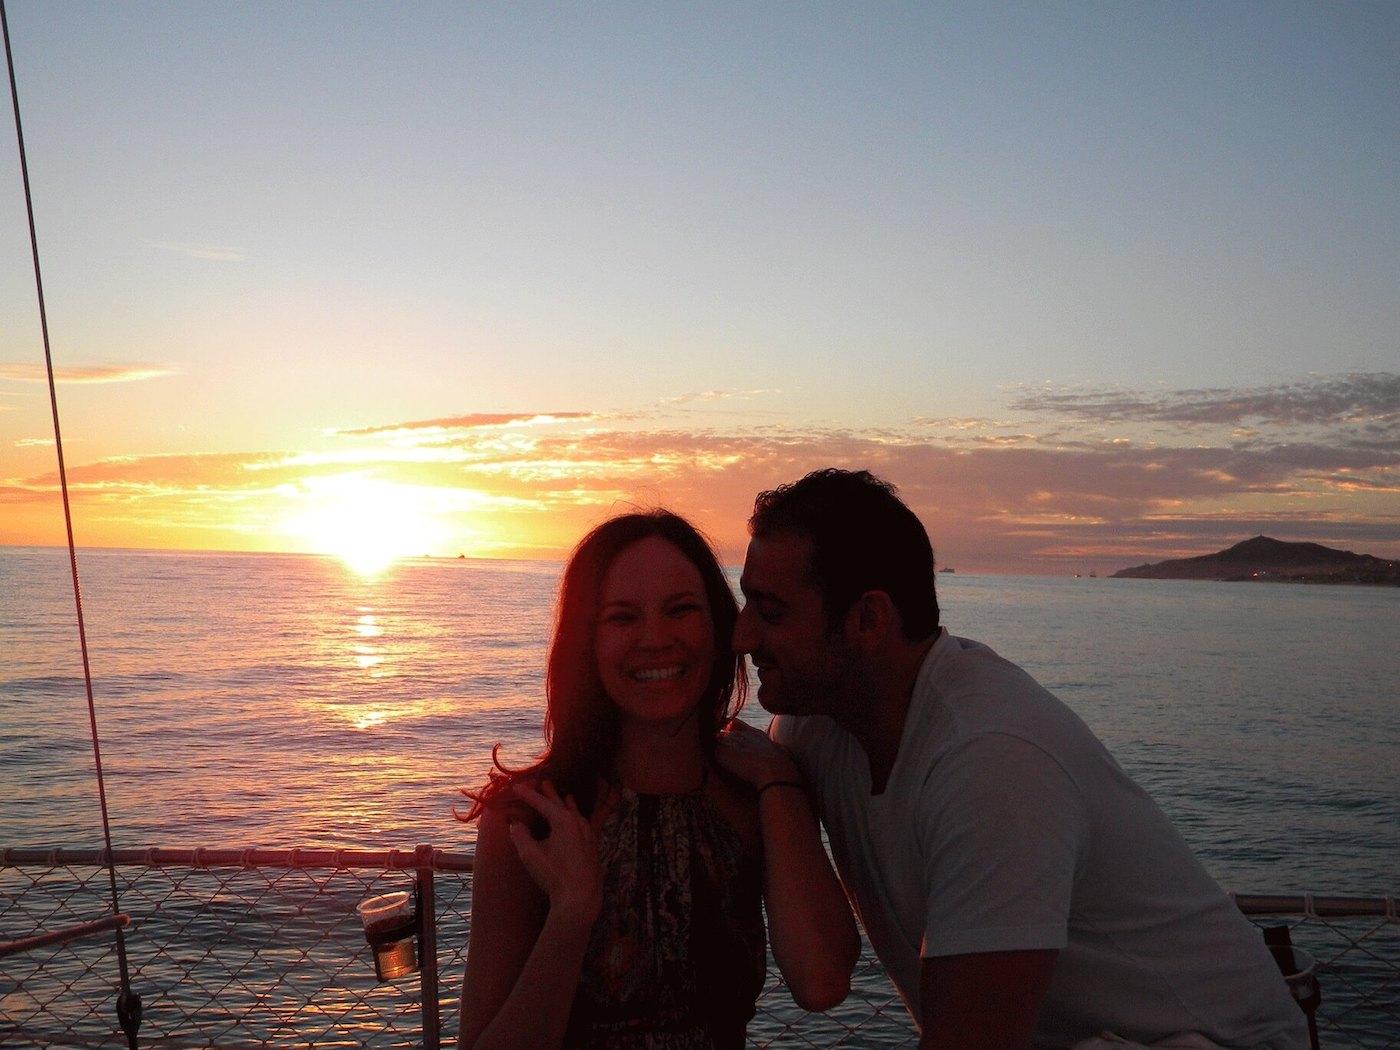 Sunset Header Photo